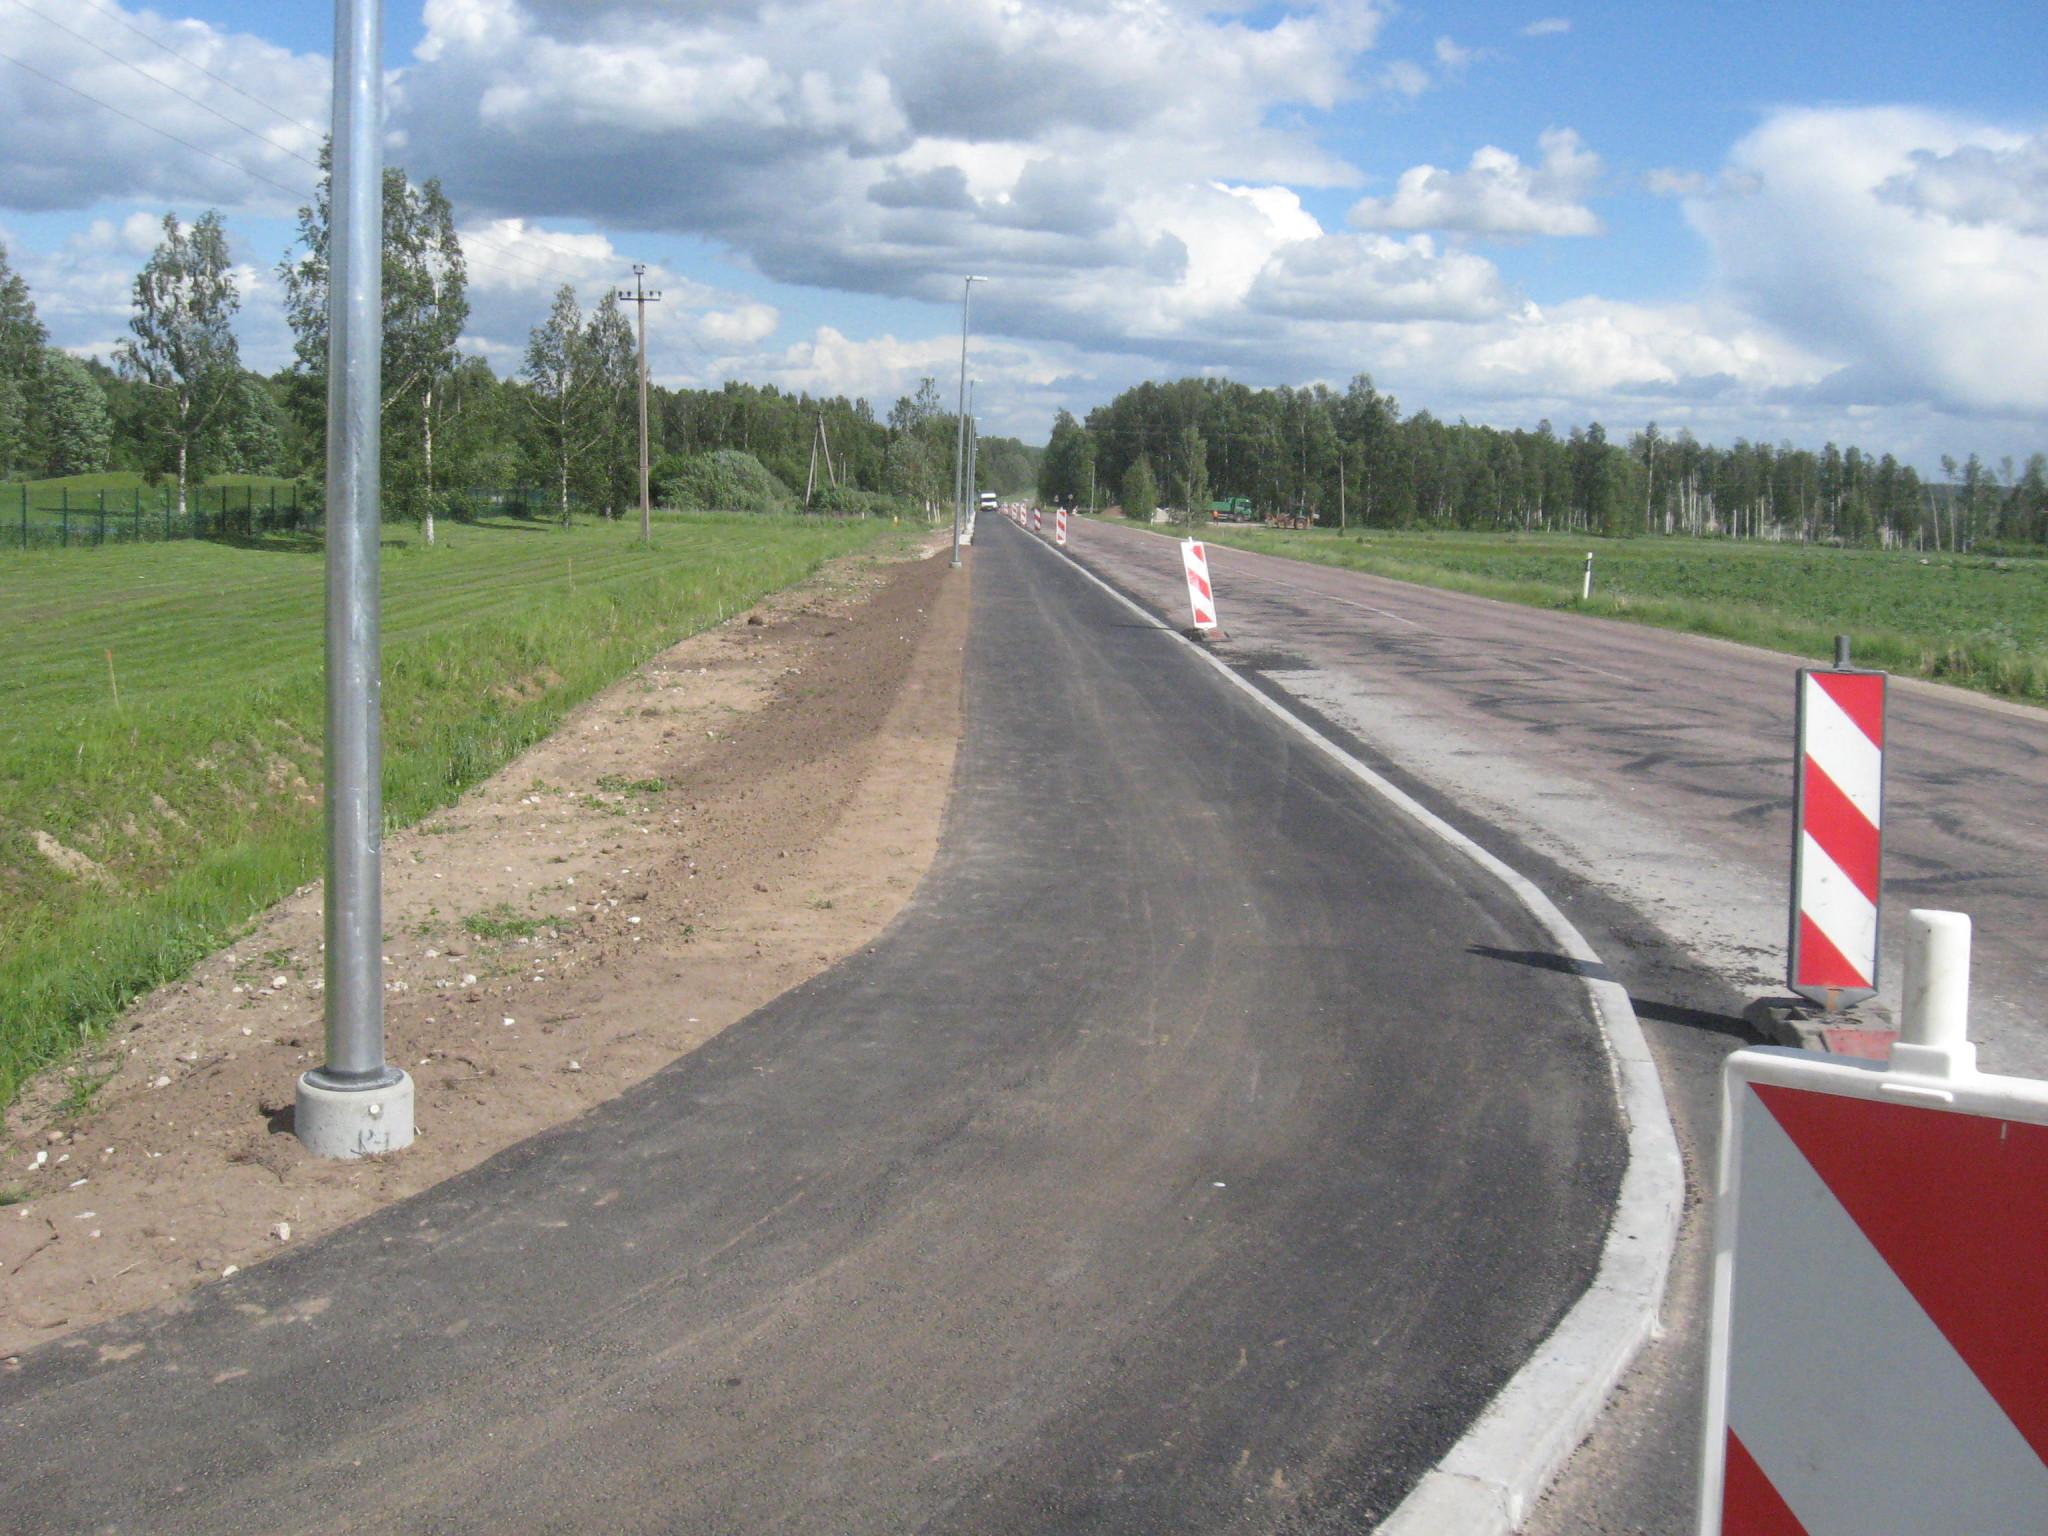 Kõrvalmaantee nr 22140 Tõrvandi-Roiu-Uniküla km 0,0 asuva ristmiku ümberehitus koos jalgratta- ja jalgtee ehitusega omanikujärelevalve